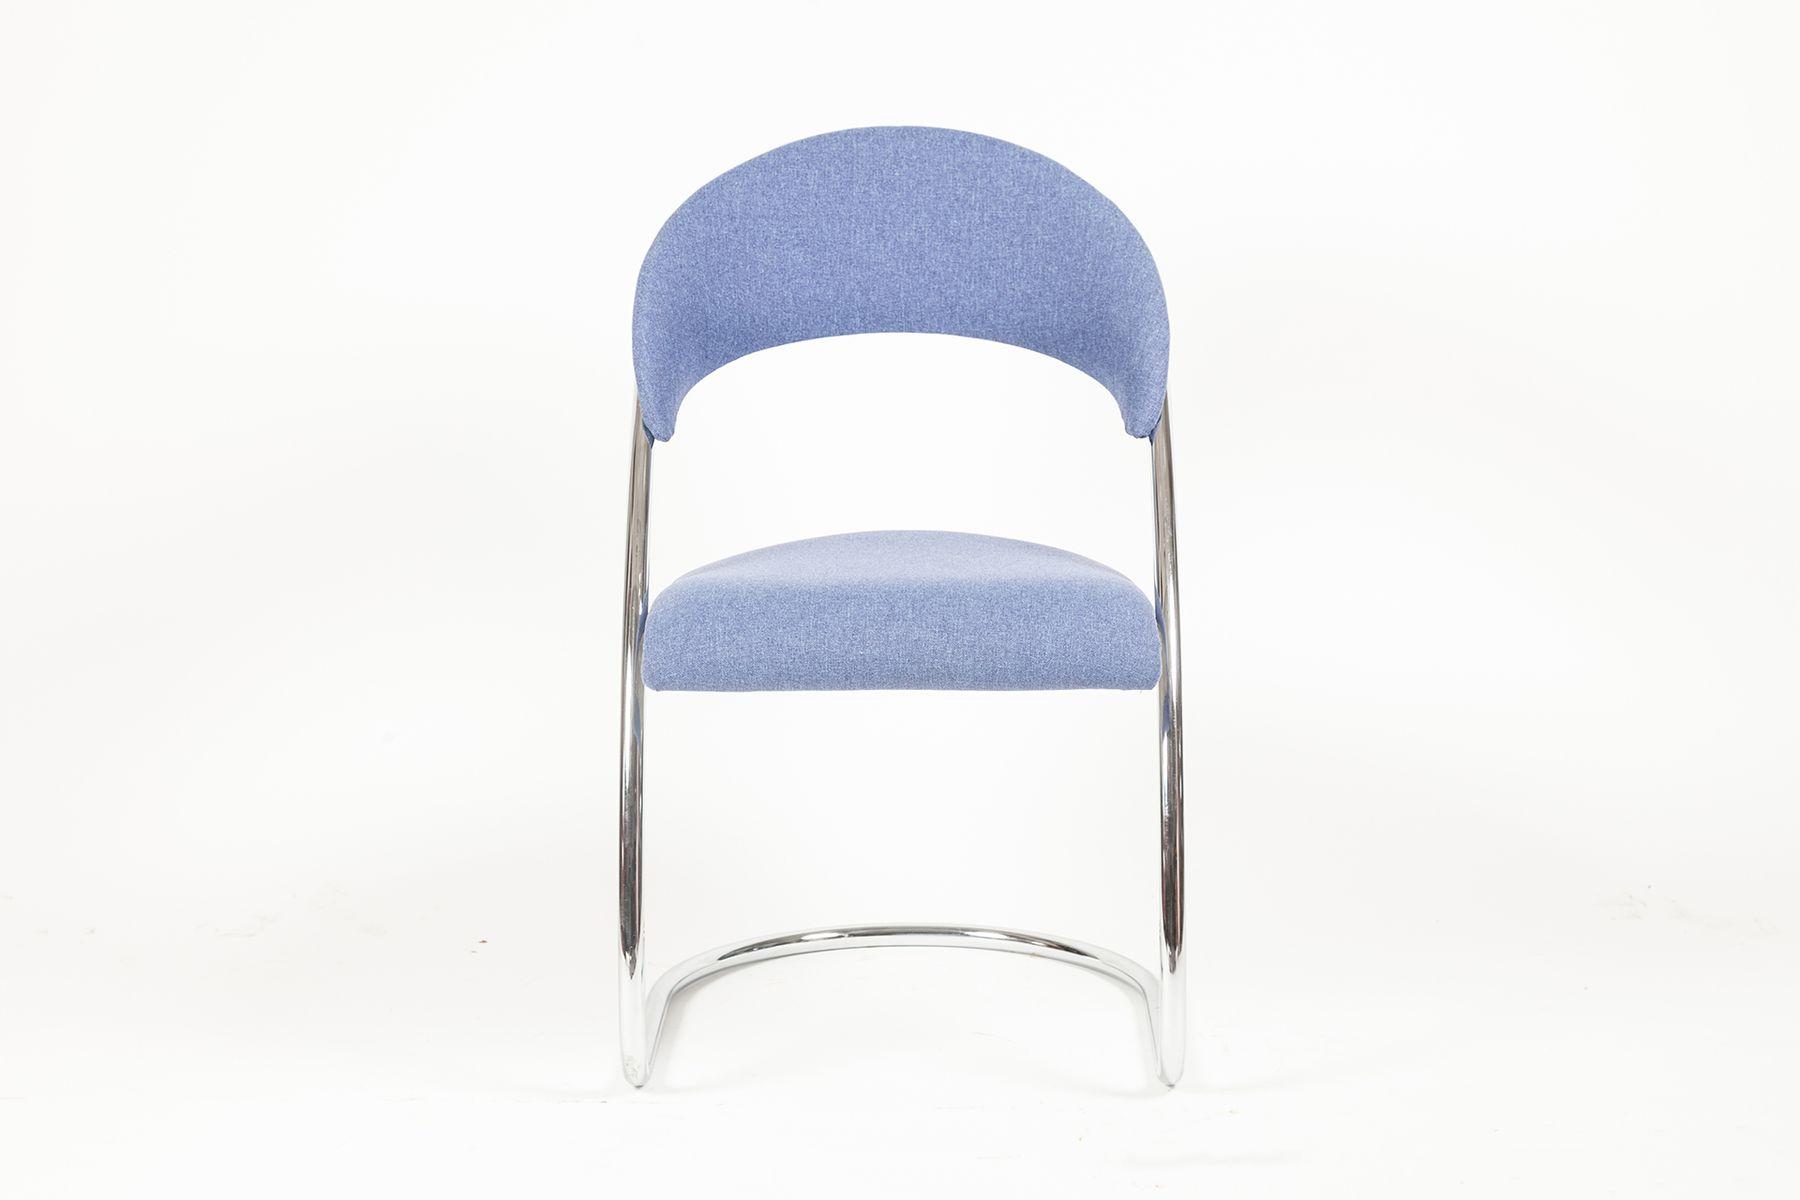 personalisierbarer vintage freischwinger stuhl von thonet bei pamono kaufen. Black Bedroom Furniture Sets. Home Design Ideas